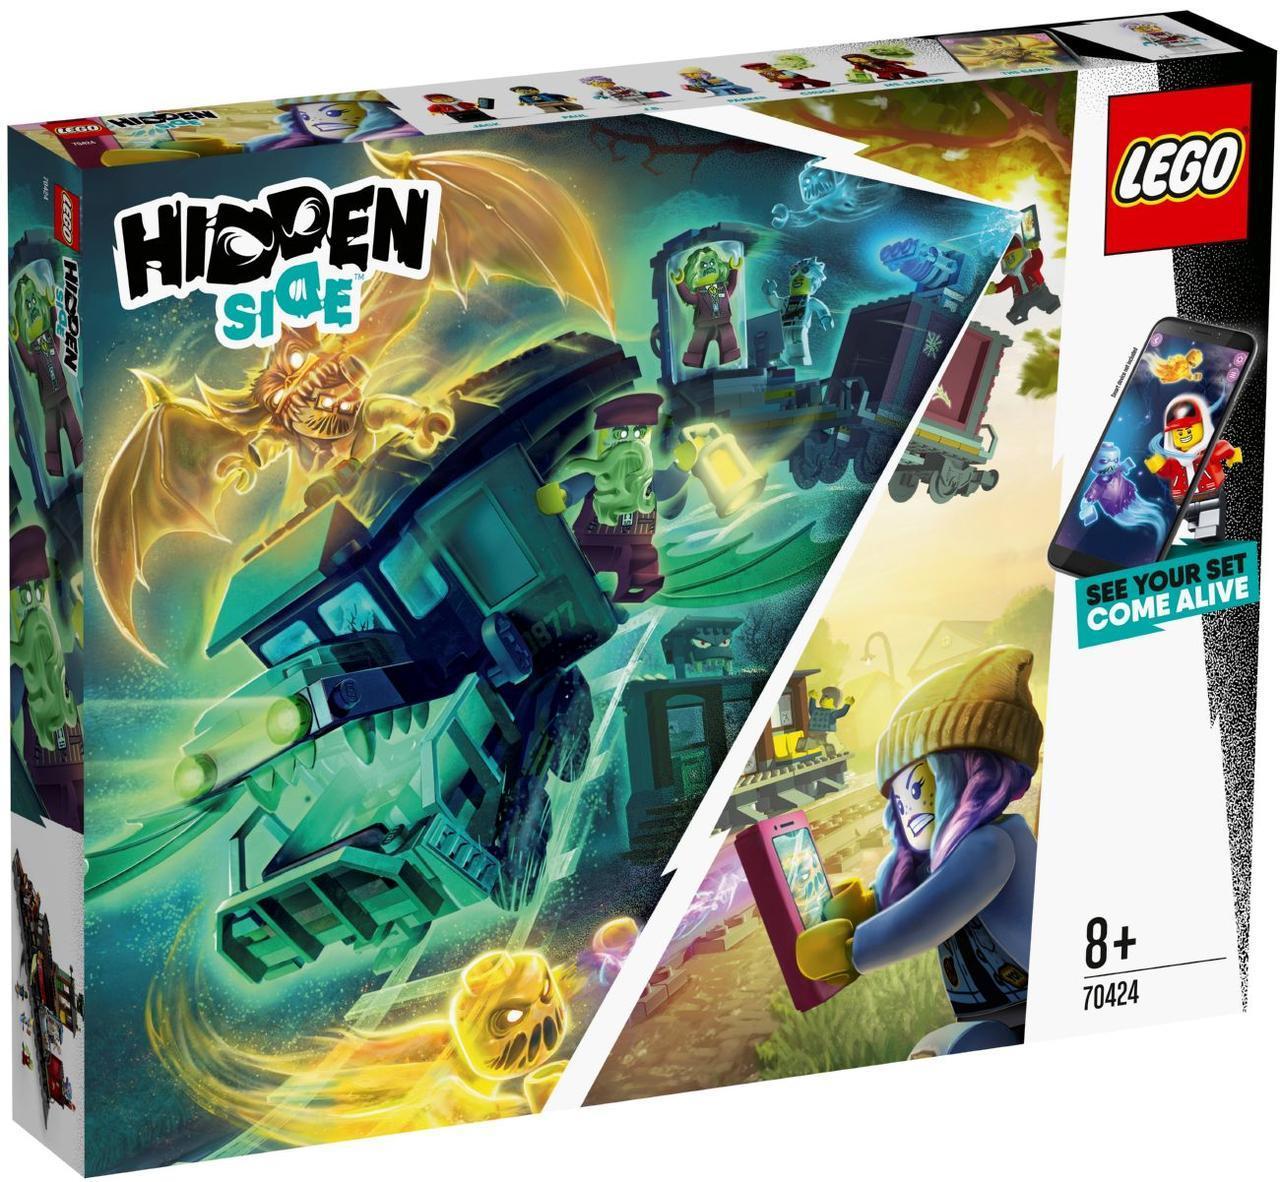 Lego Hidden Side Призрачный экспресс 70424